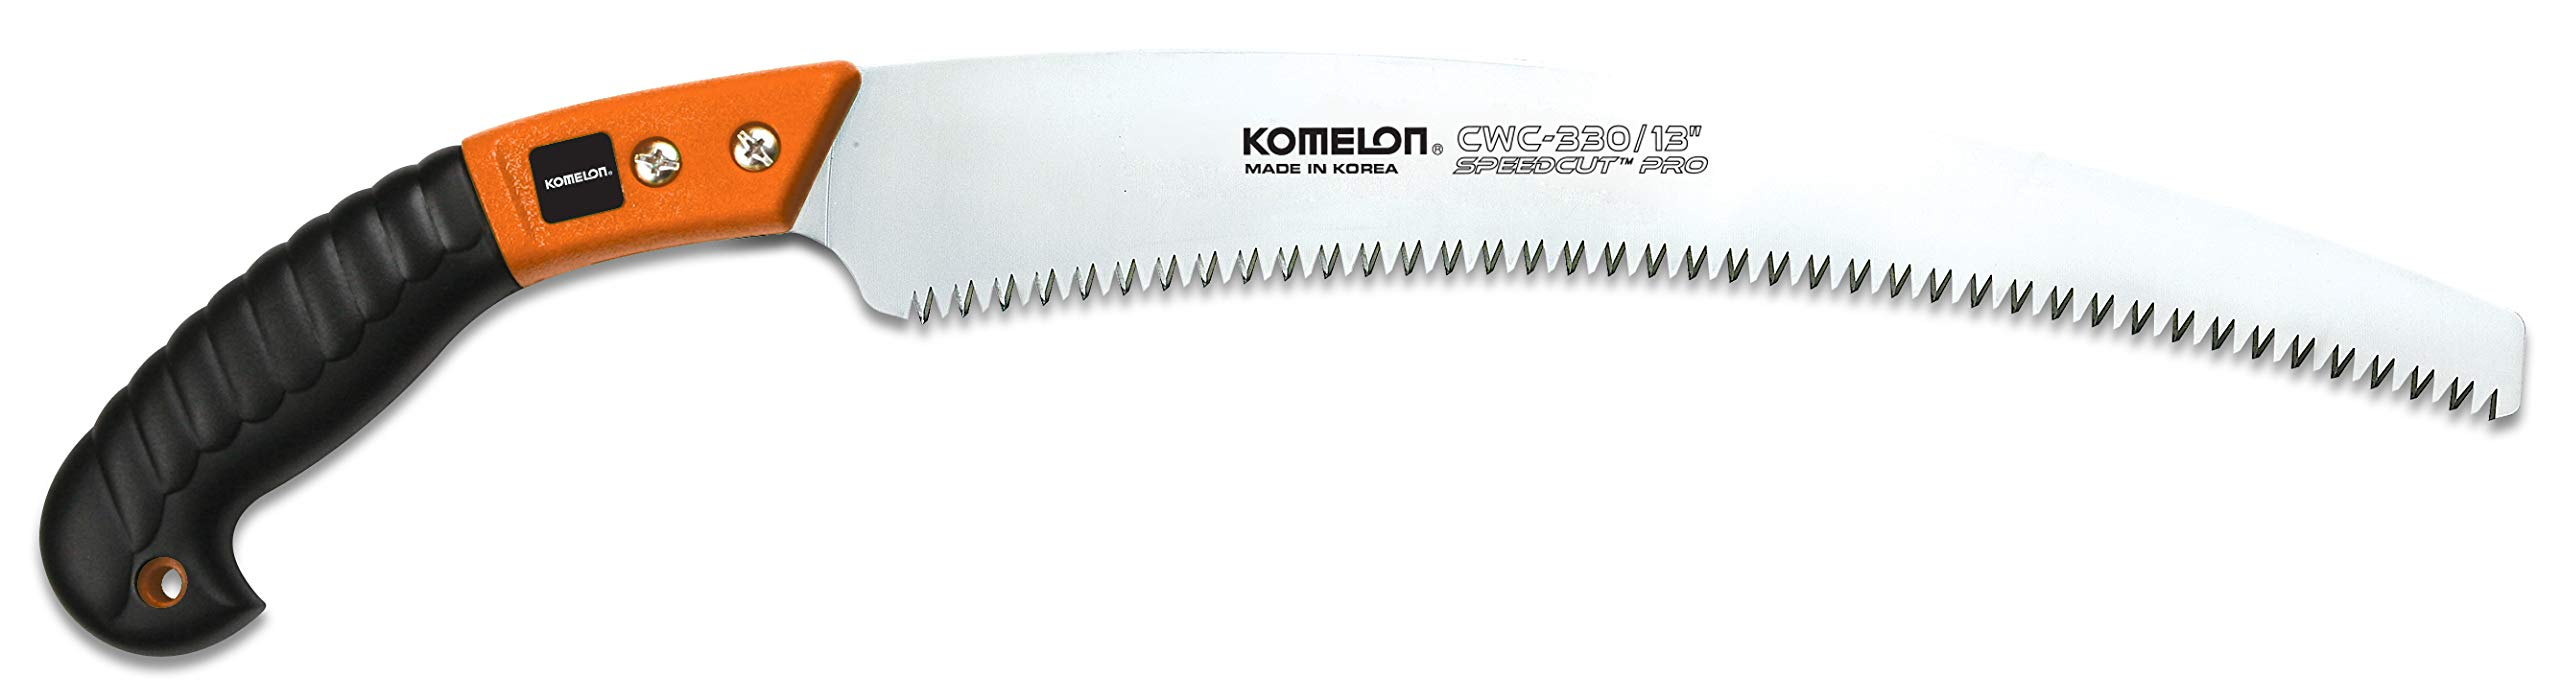 Komelon CWC-330 13'' CWC Series Saw by Komelon